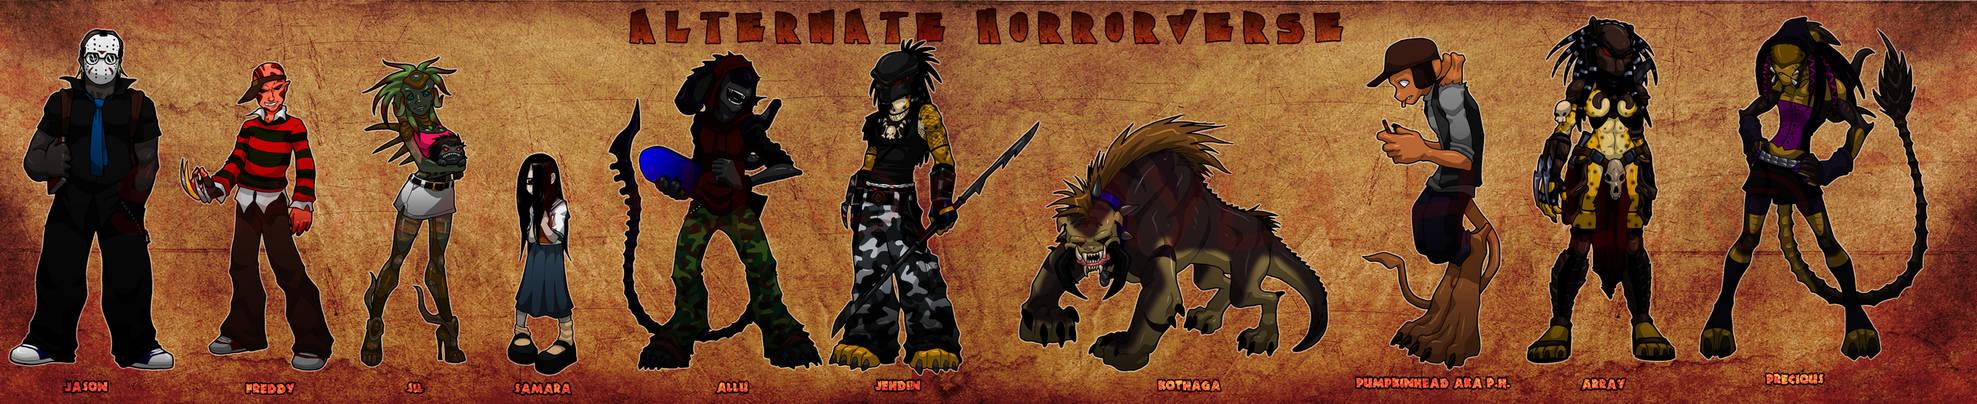 Alternate Horrorverse